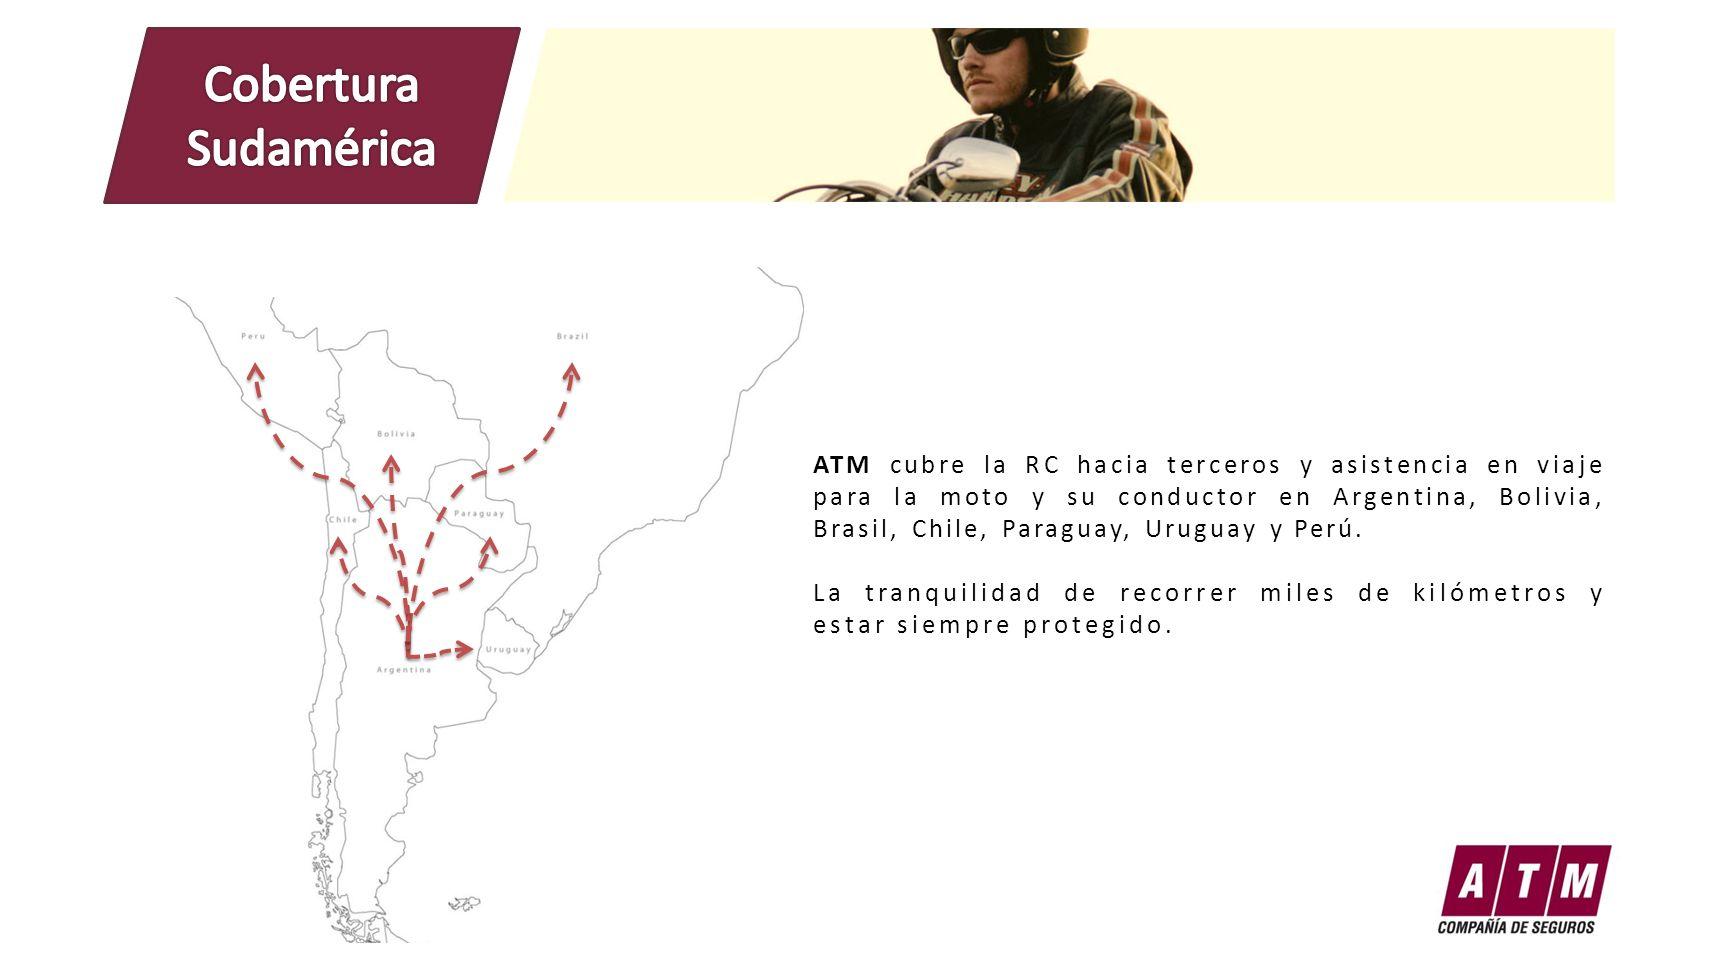 Cobertura Sudamérica.